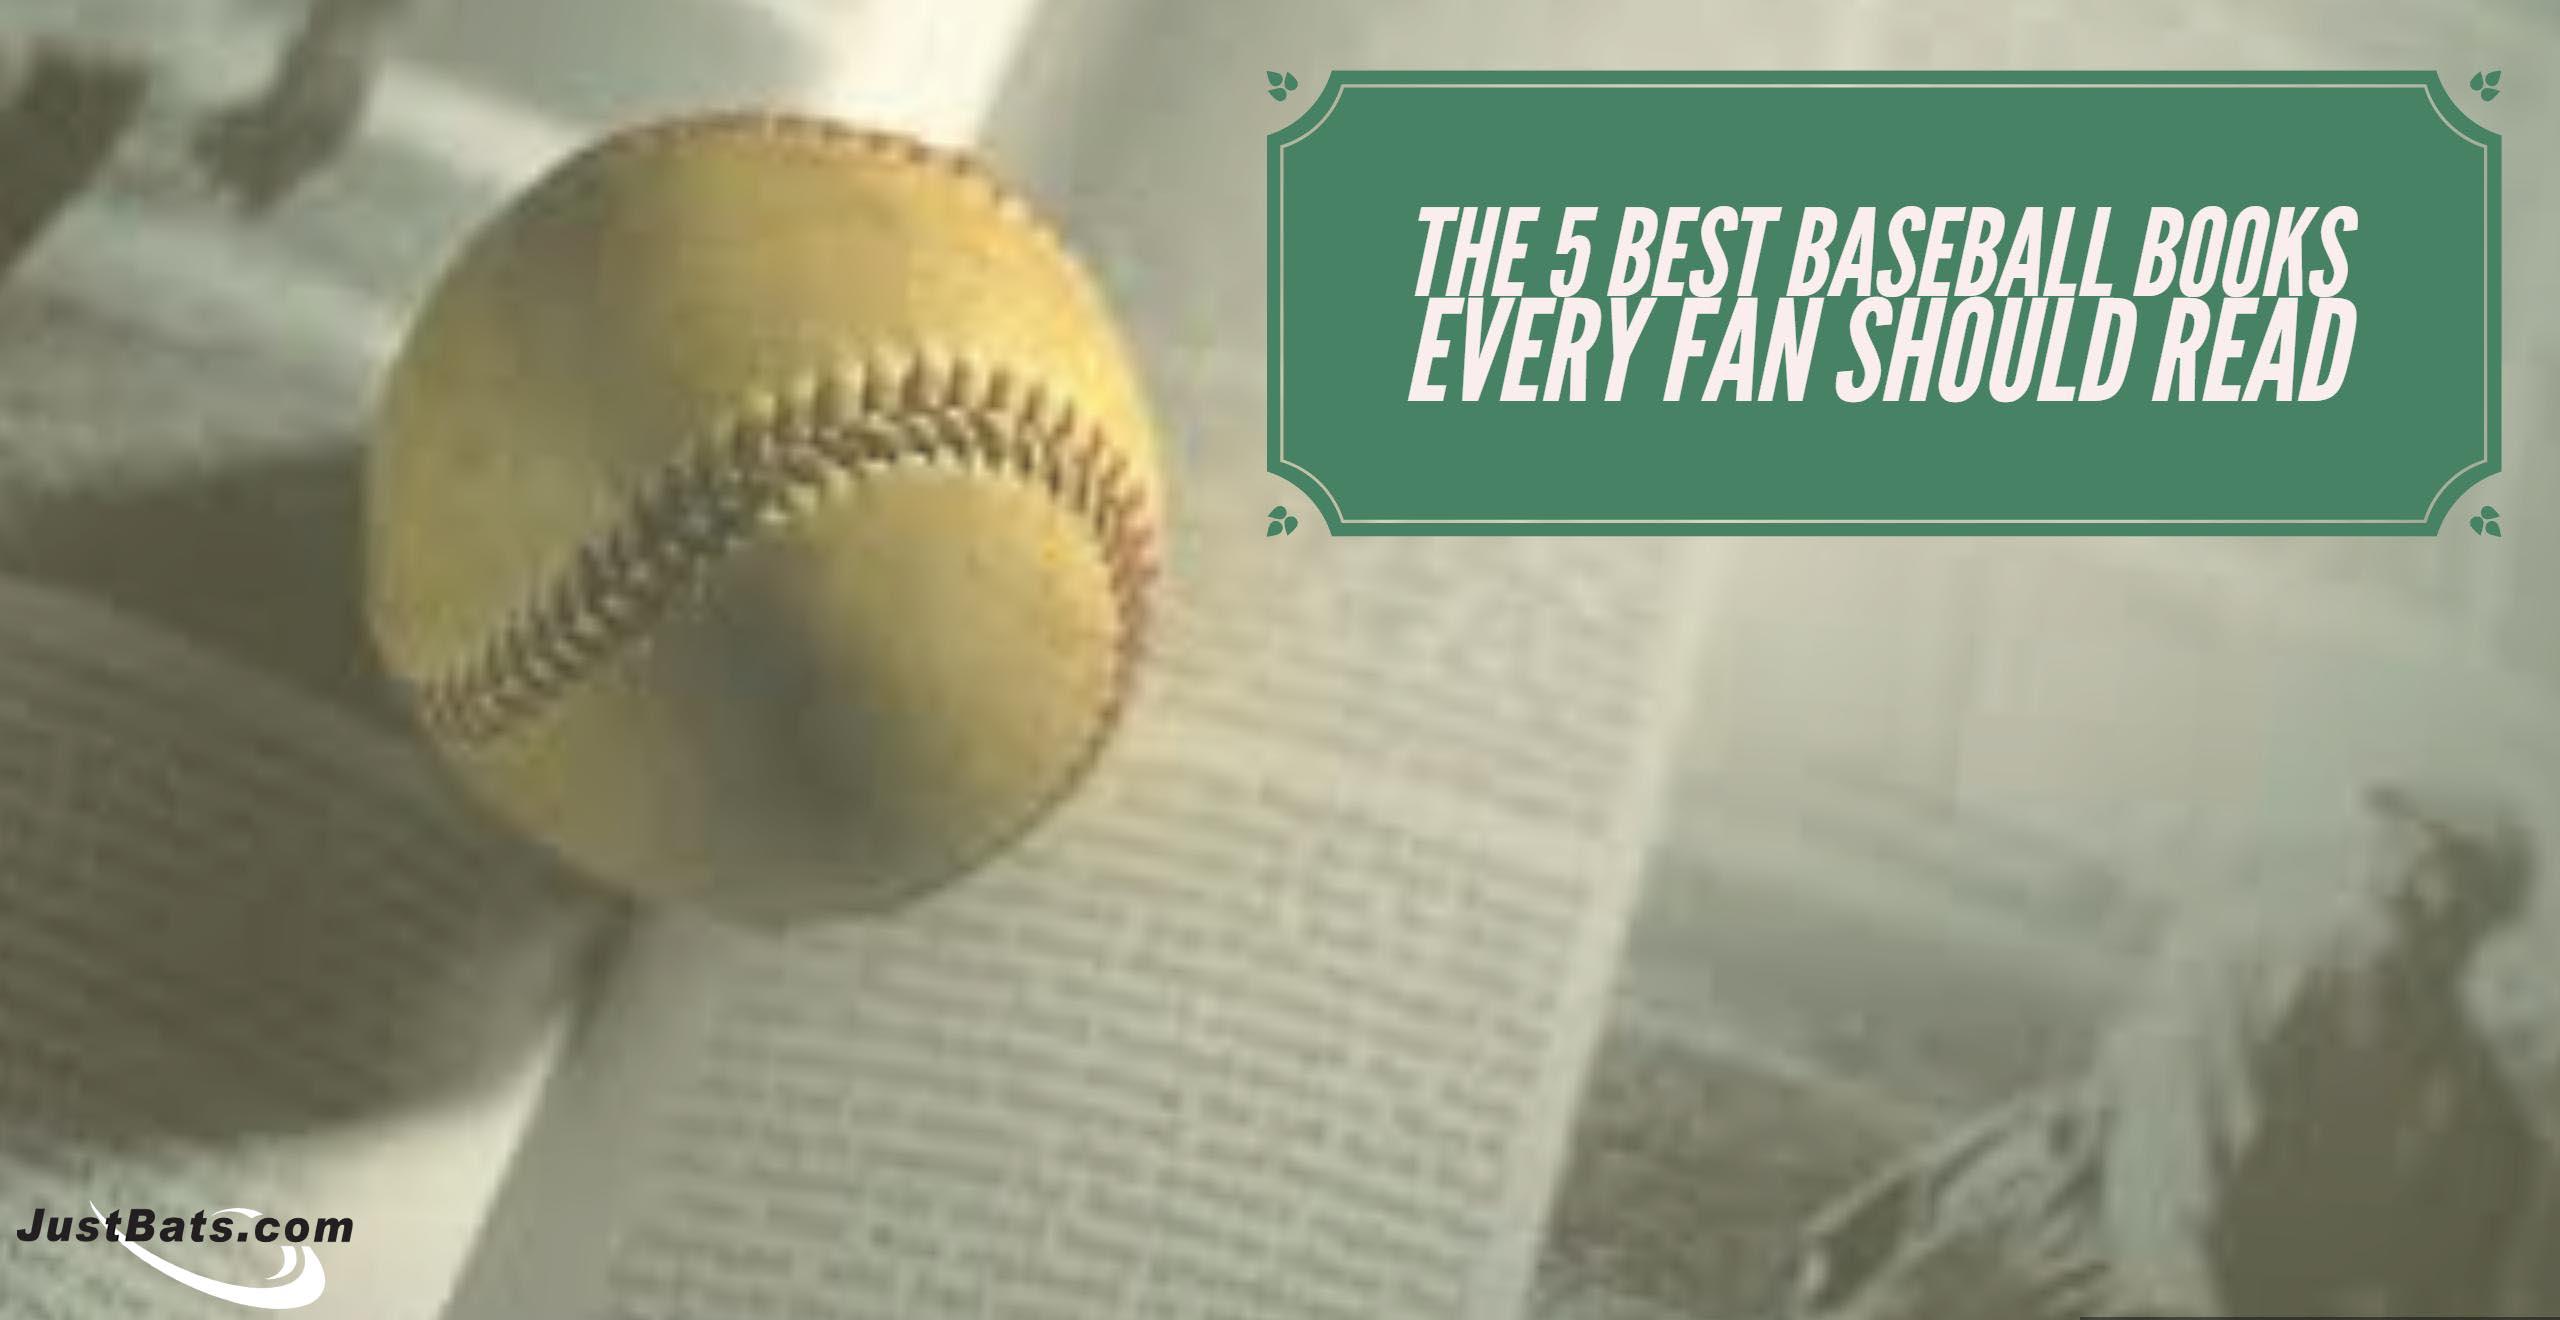 Baseball_book.jpg